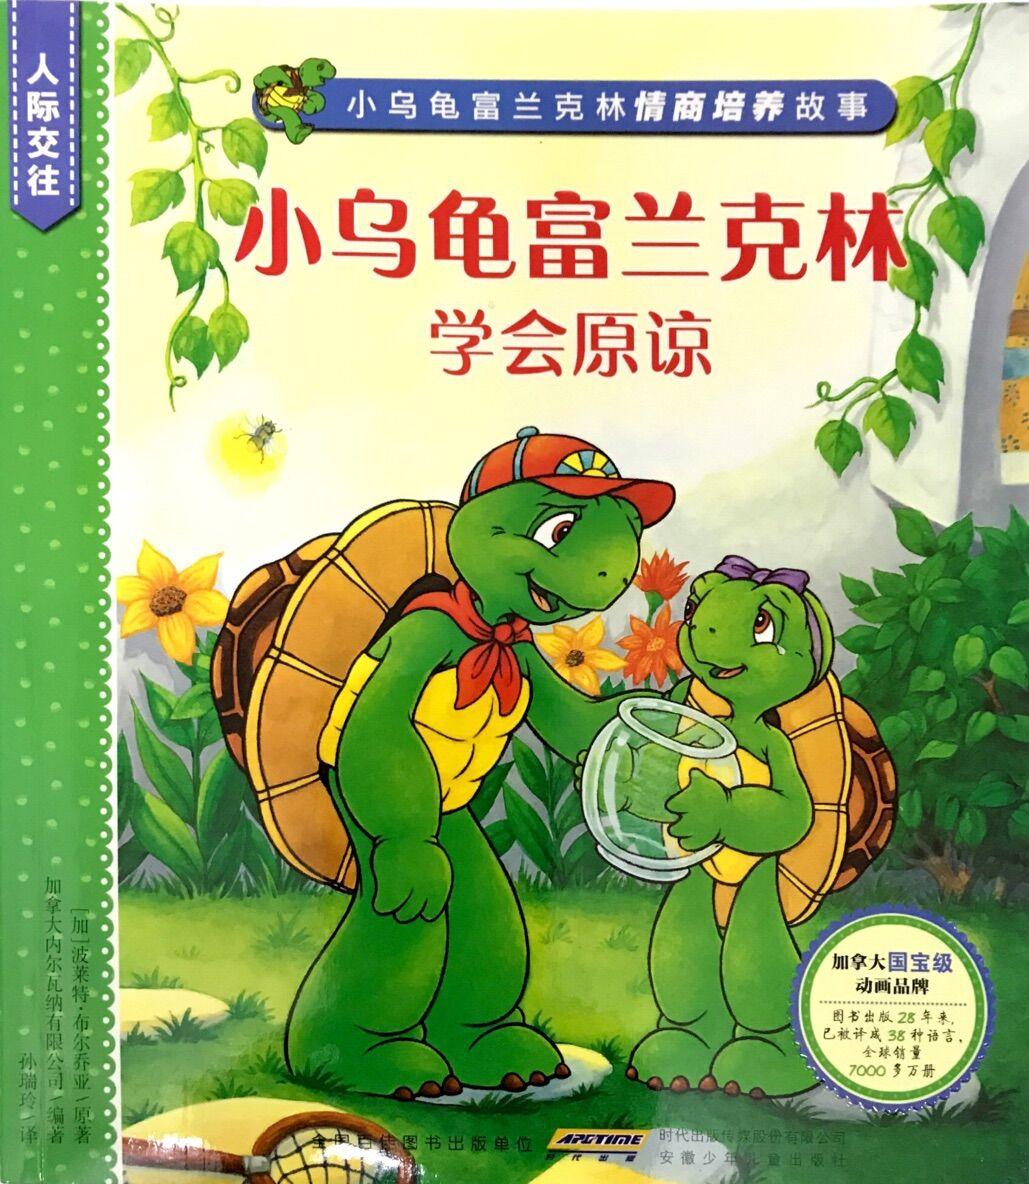 小乌龟富兰克林情商培养故事·人际交往:小乌龟富兰克林学会原谅